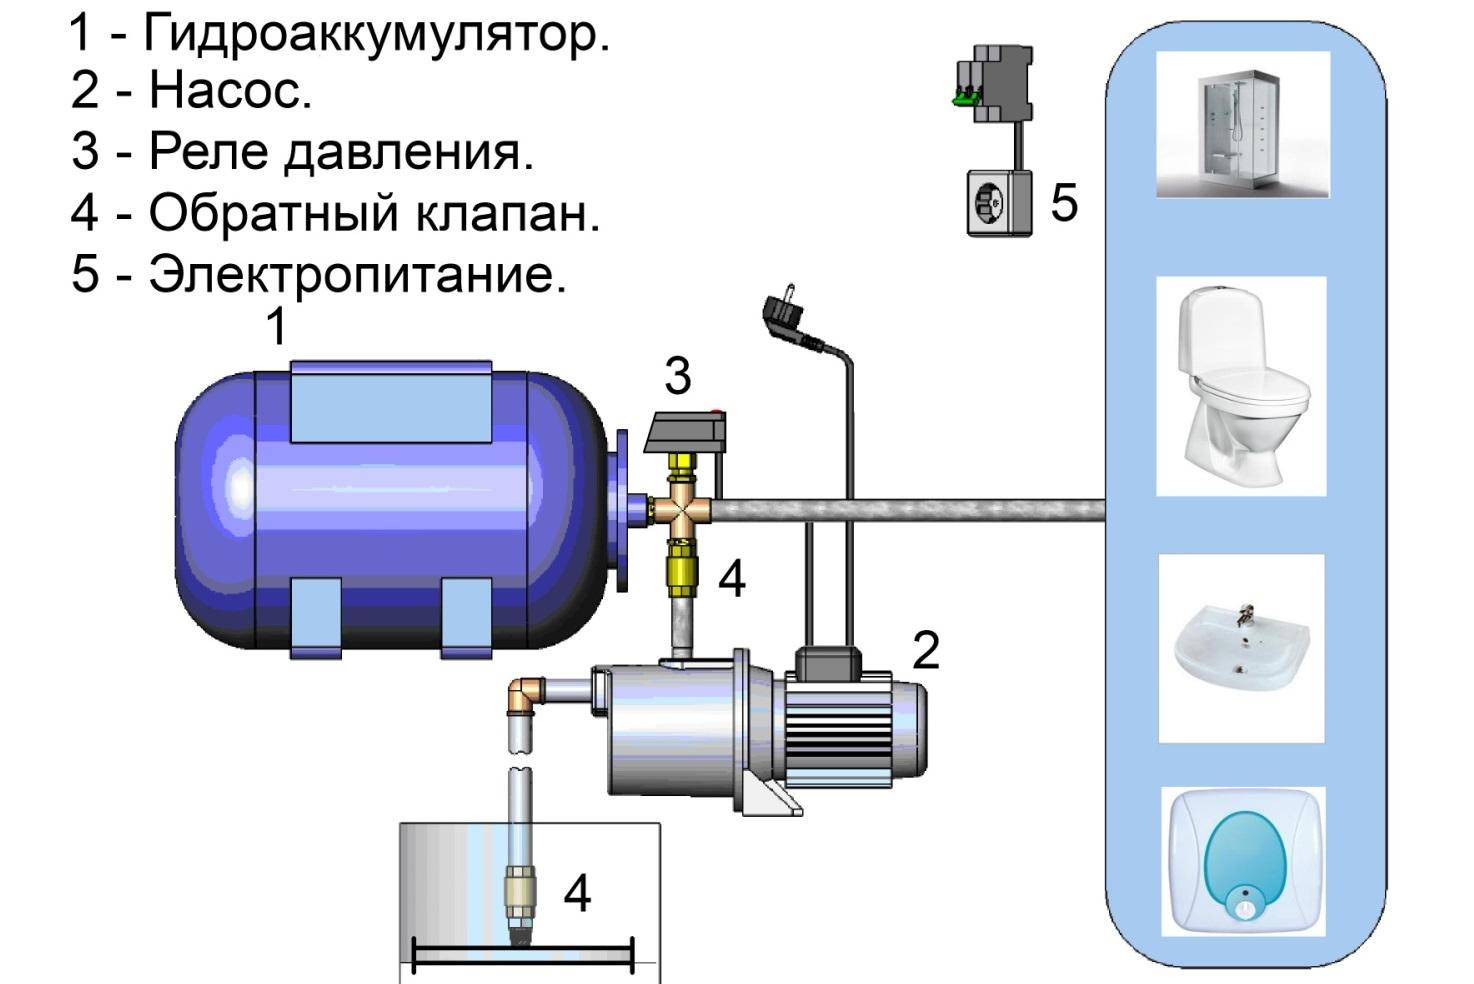 Схема подключения гидроаккумулятора и реле давления